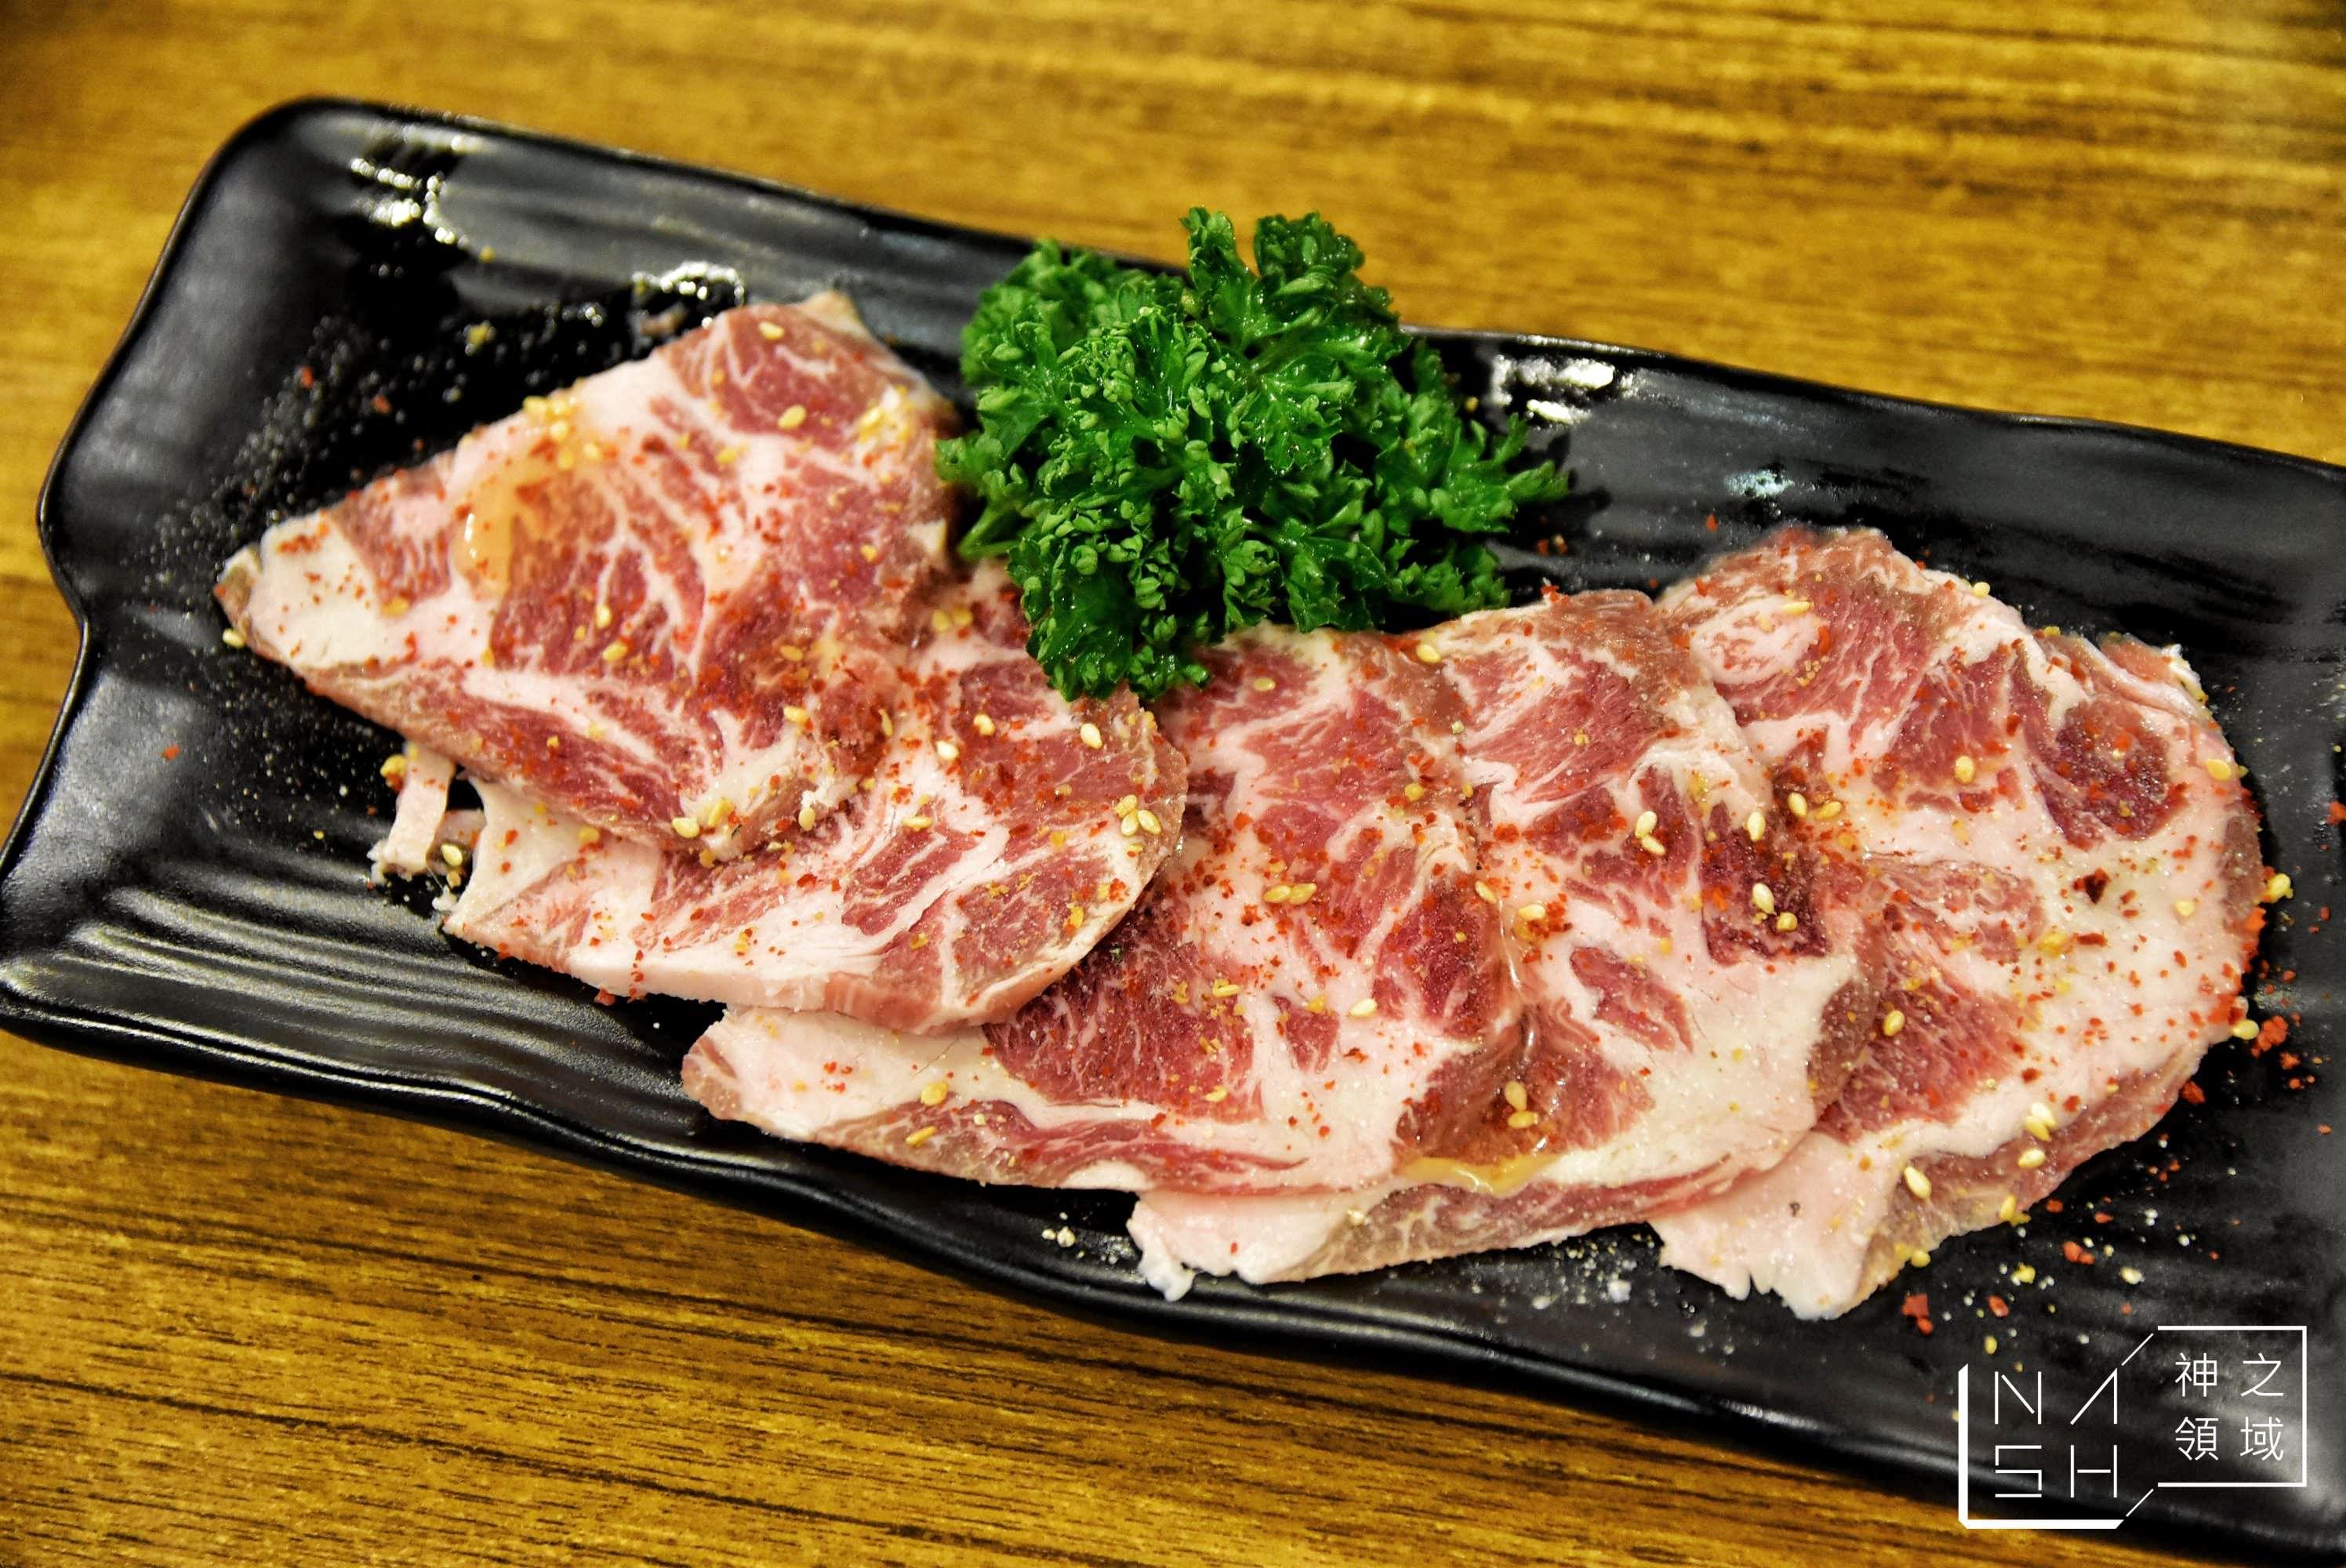 富士山龍,東區燒肉推薦 @Nash,神之領域